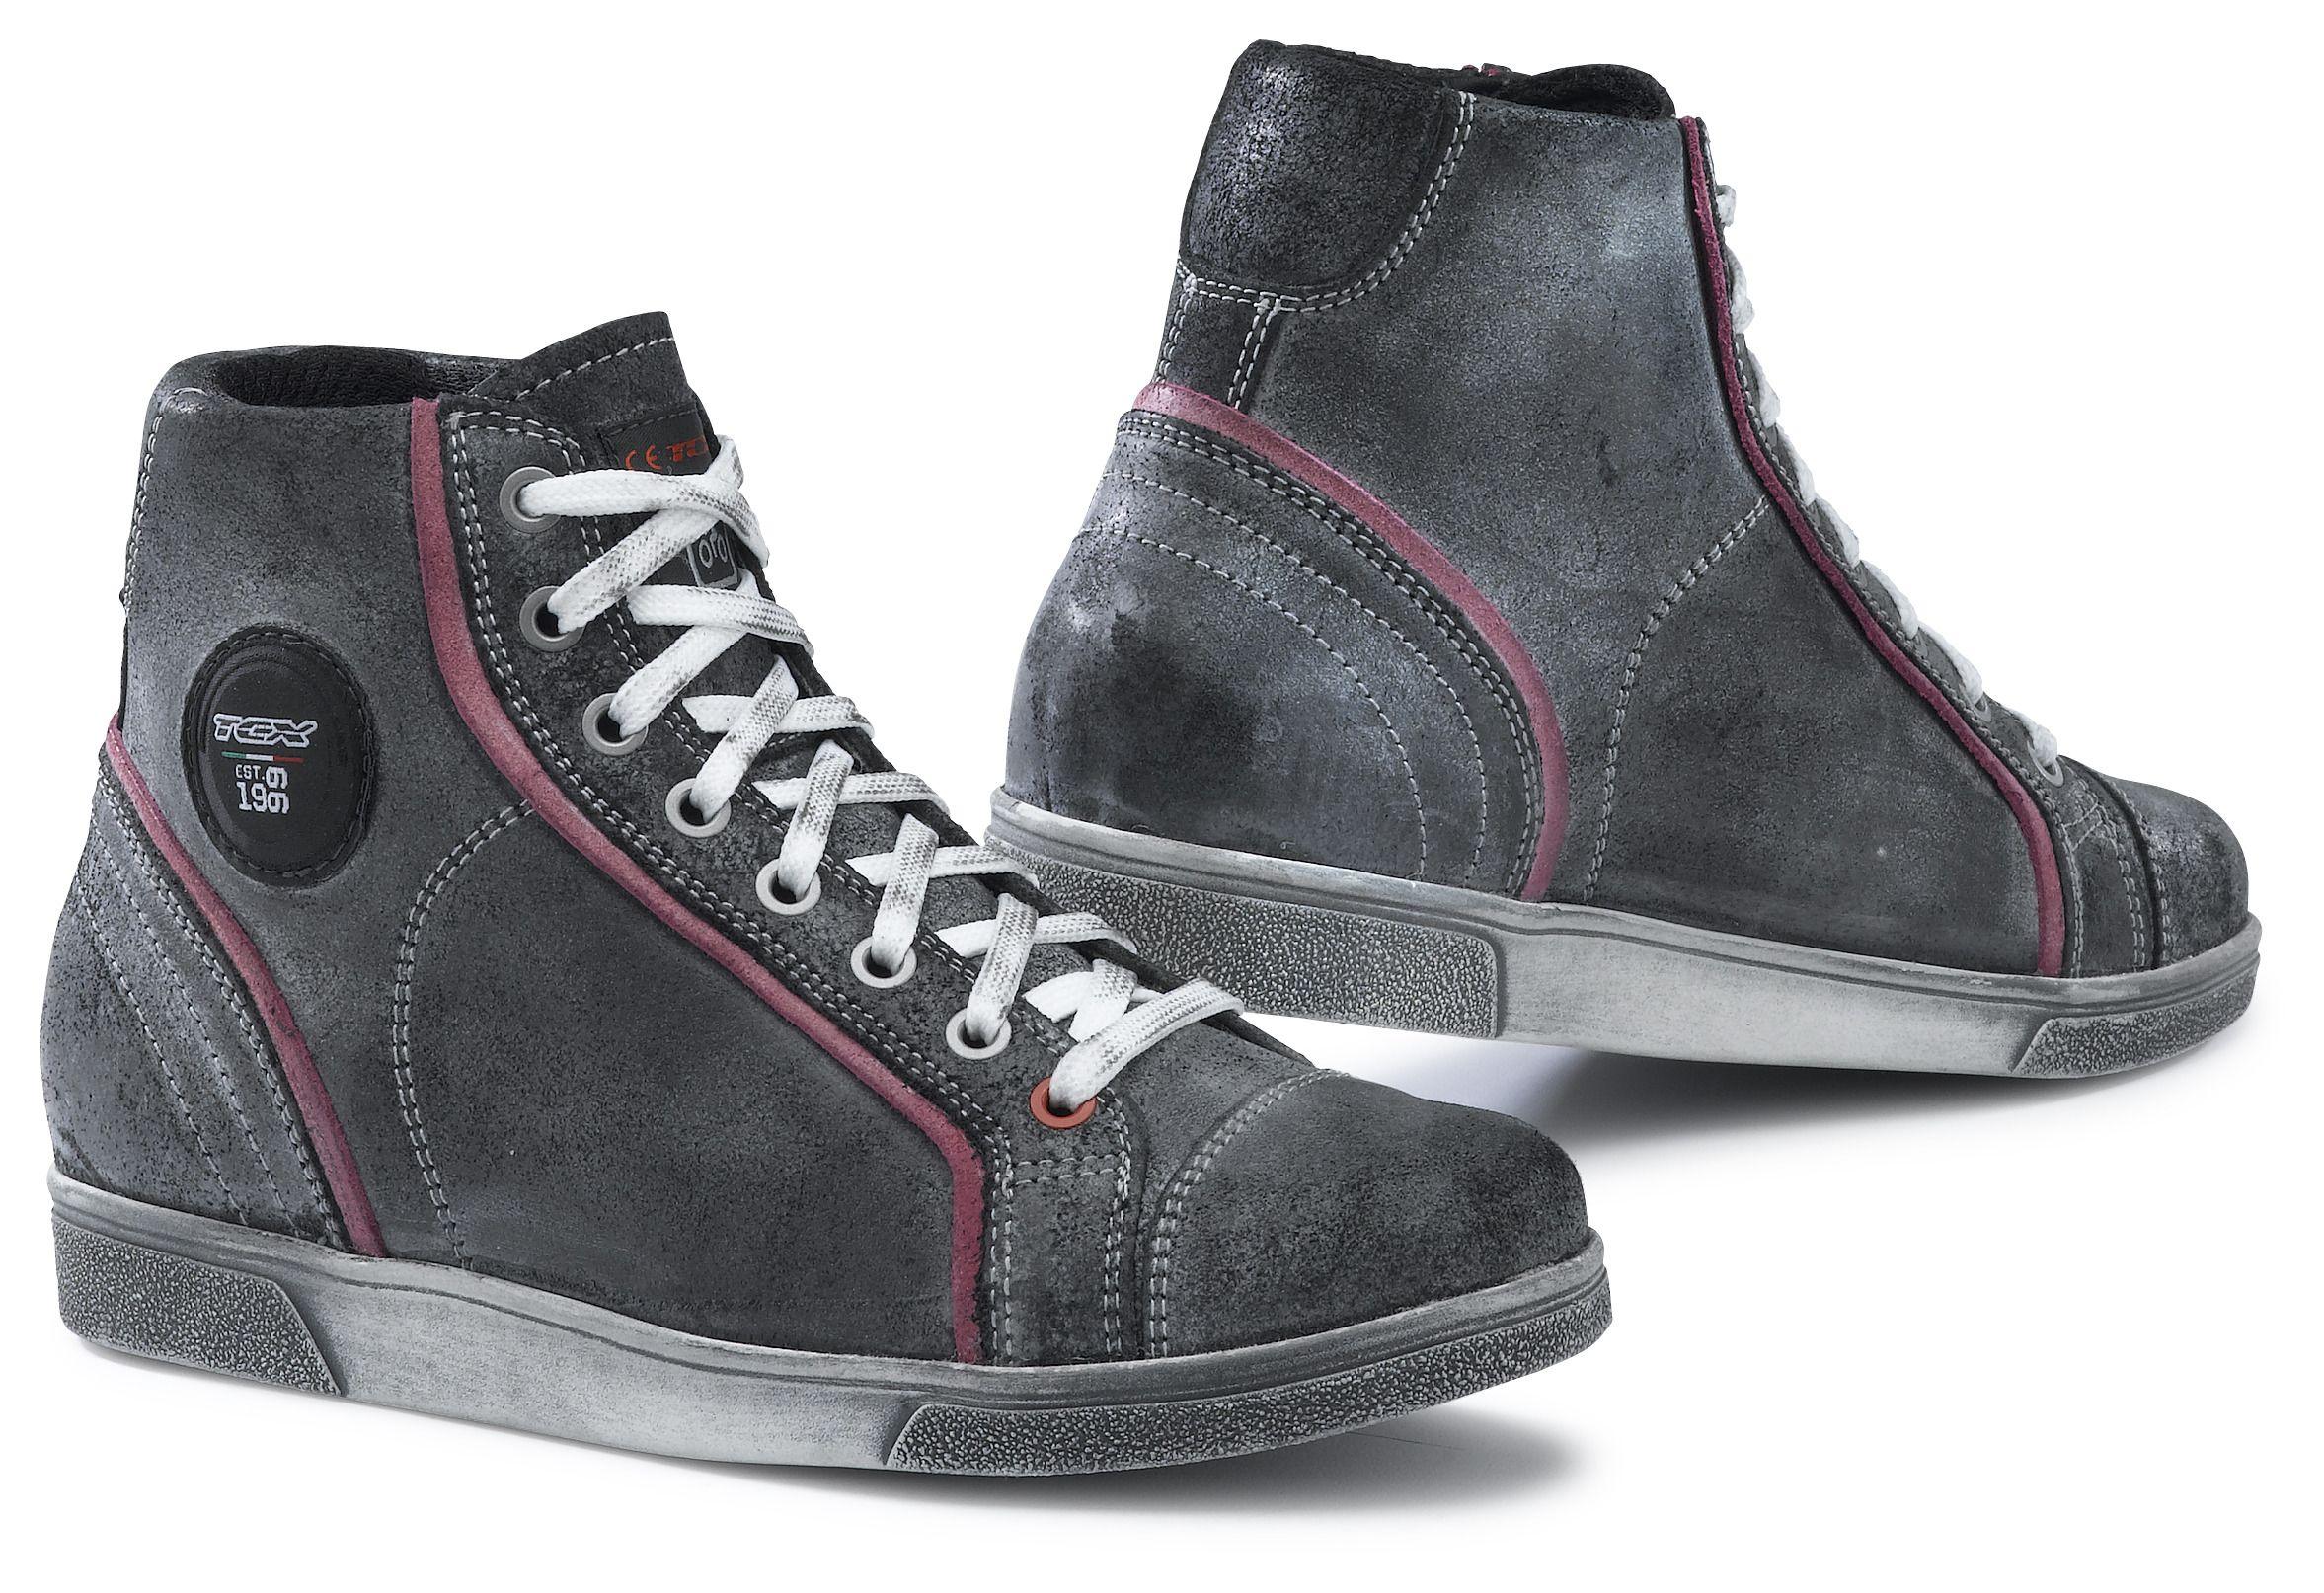 TCX X-Street Waterproof Women's Shoes - RevZilla